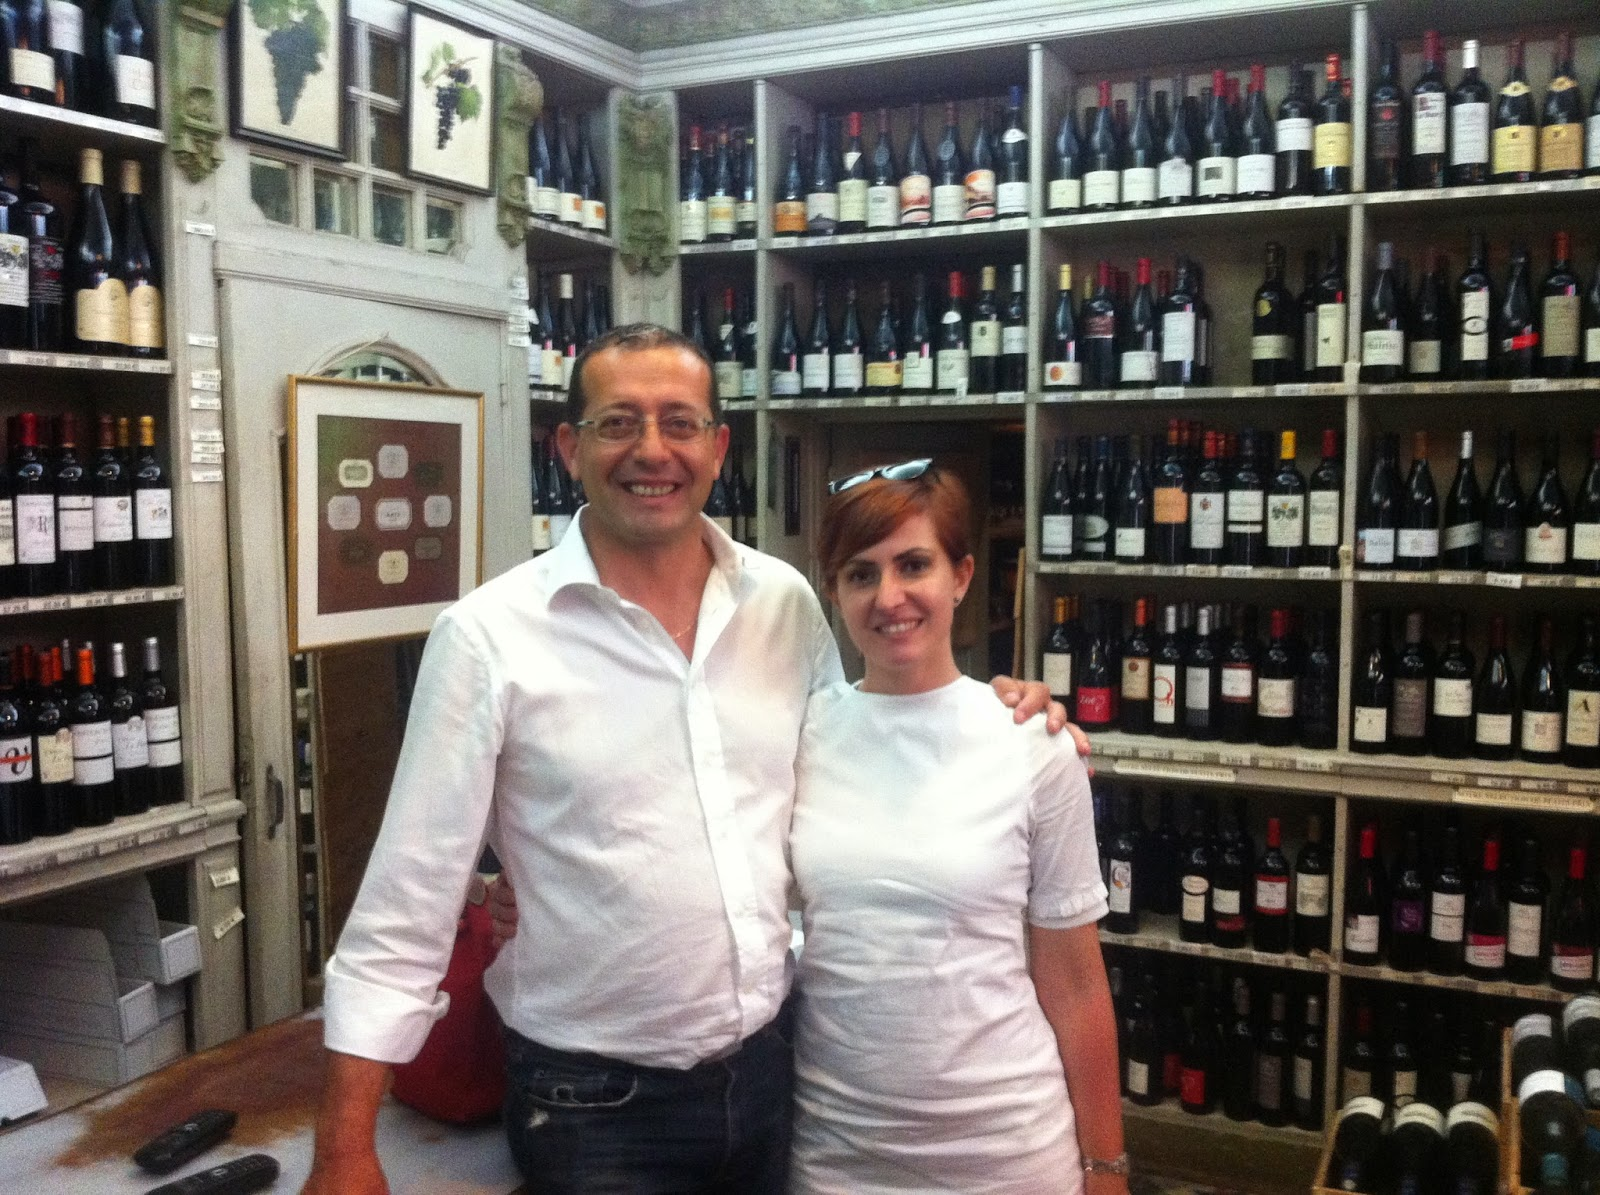 site de rencontre femme italienne Rencontrez une femme ou un homme passer la soirée tout seul dans son canapé n'est plus une fatalité : hugavenuecom est le site de rencontres qui y mettra un terme.